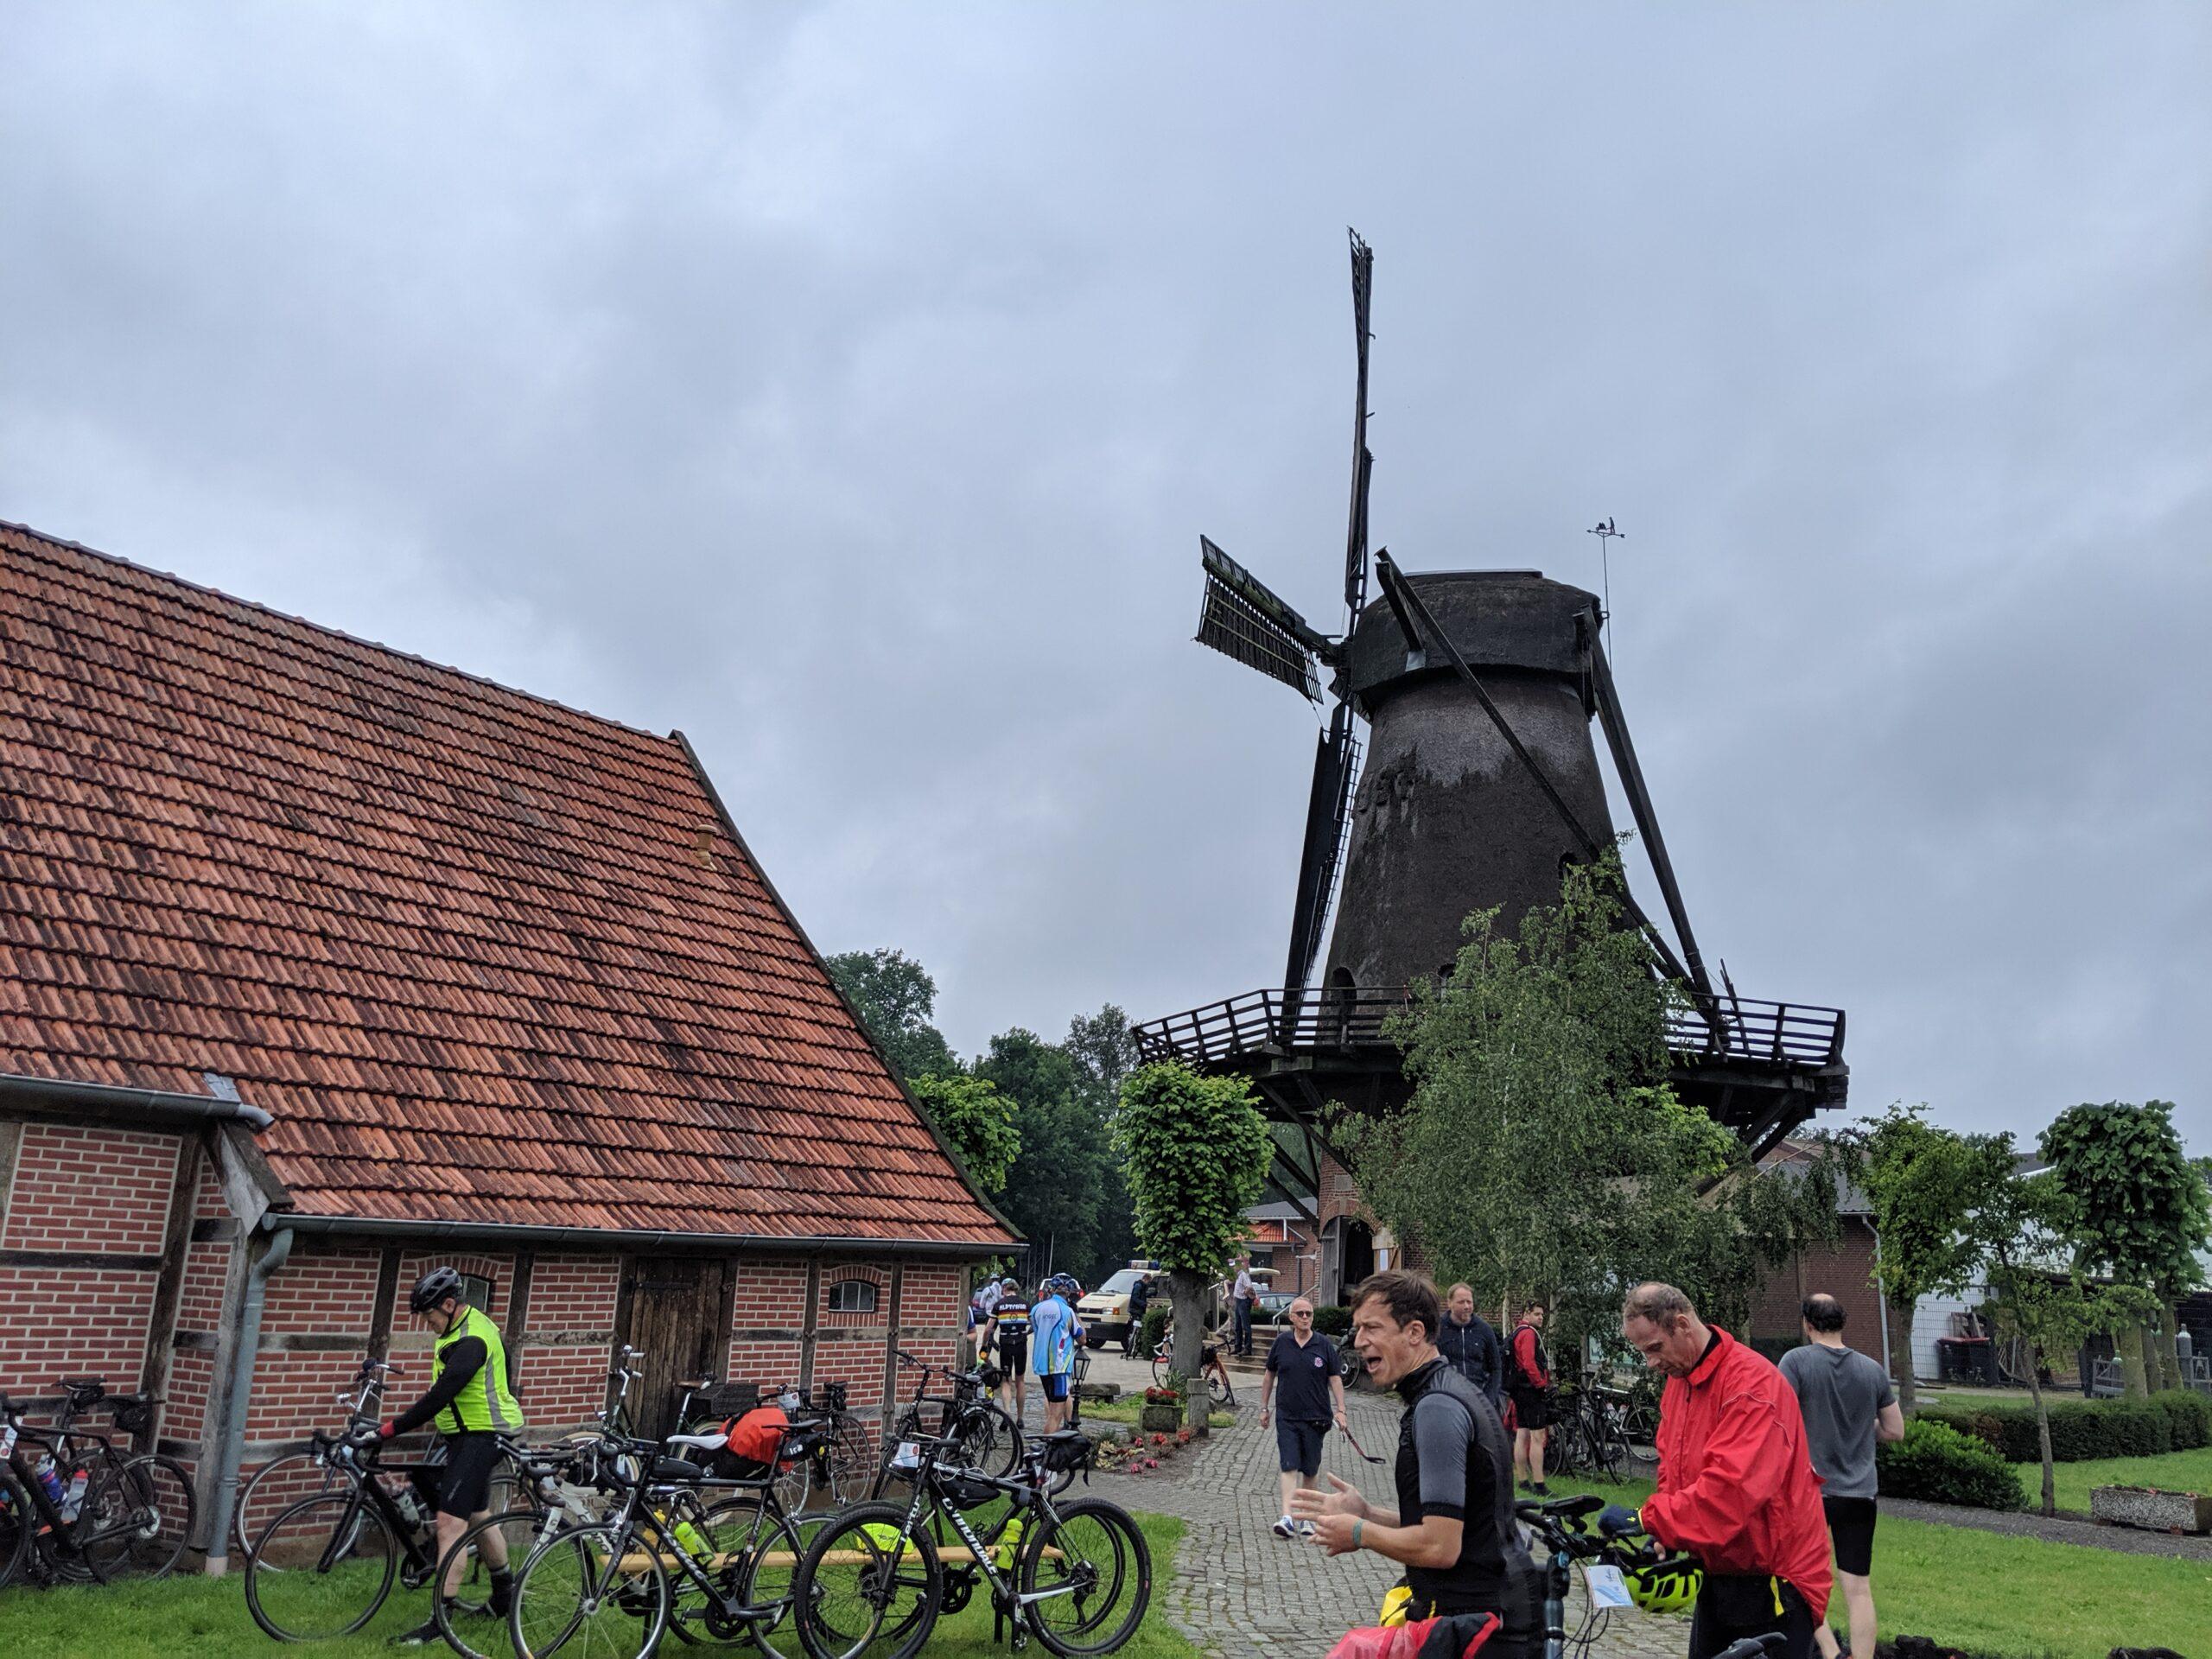 Blick auf die Georgsdorfer Mühle von der Wiese aus.